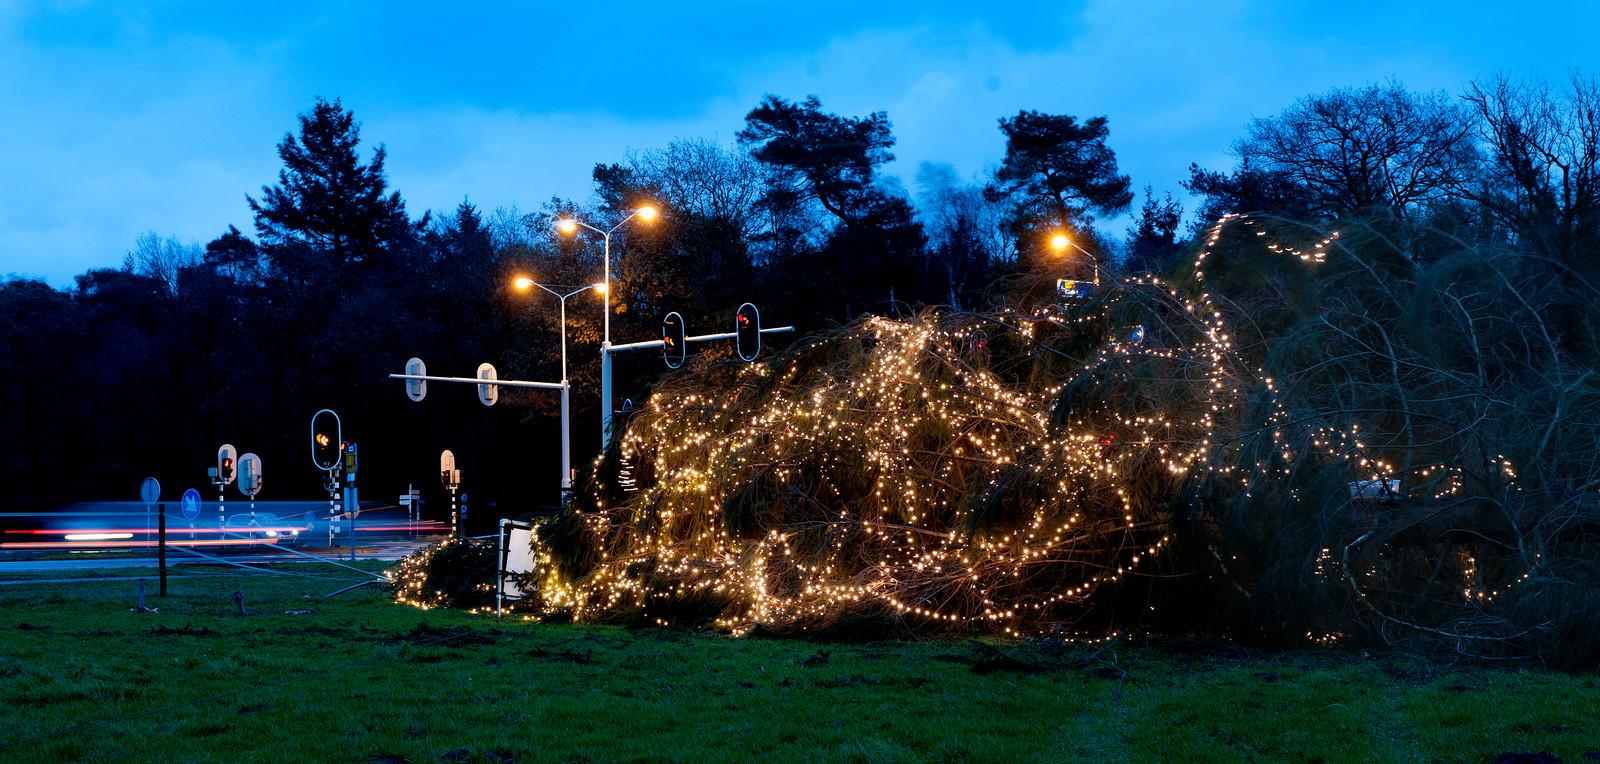 Een door storm omgewaaide kerstboom een paar jaar geleden. Het KNMI waarschuwt dat het vanavond ook heel hard gaat waaien.